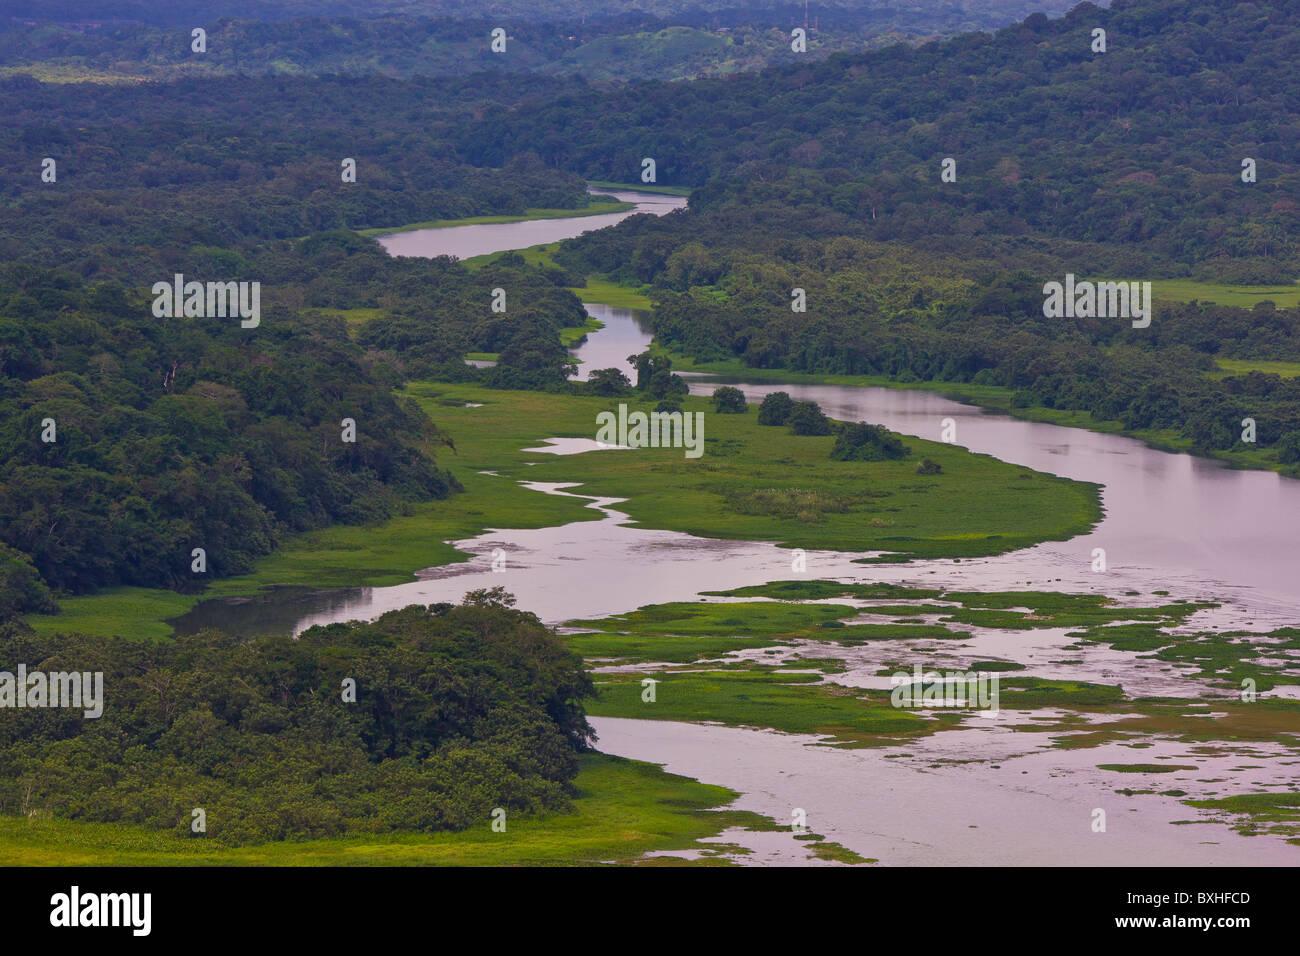 GAMBOA, PANAMA - il fiume e la foresta pluviale lungo la zona del Canale di Panama. Immagini Stock